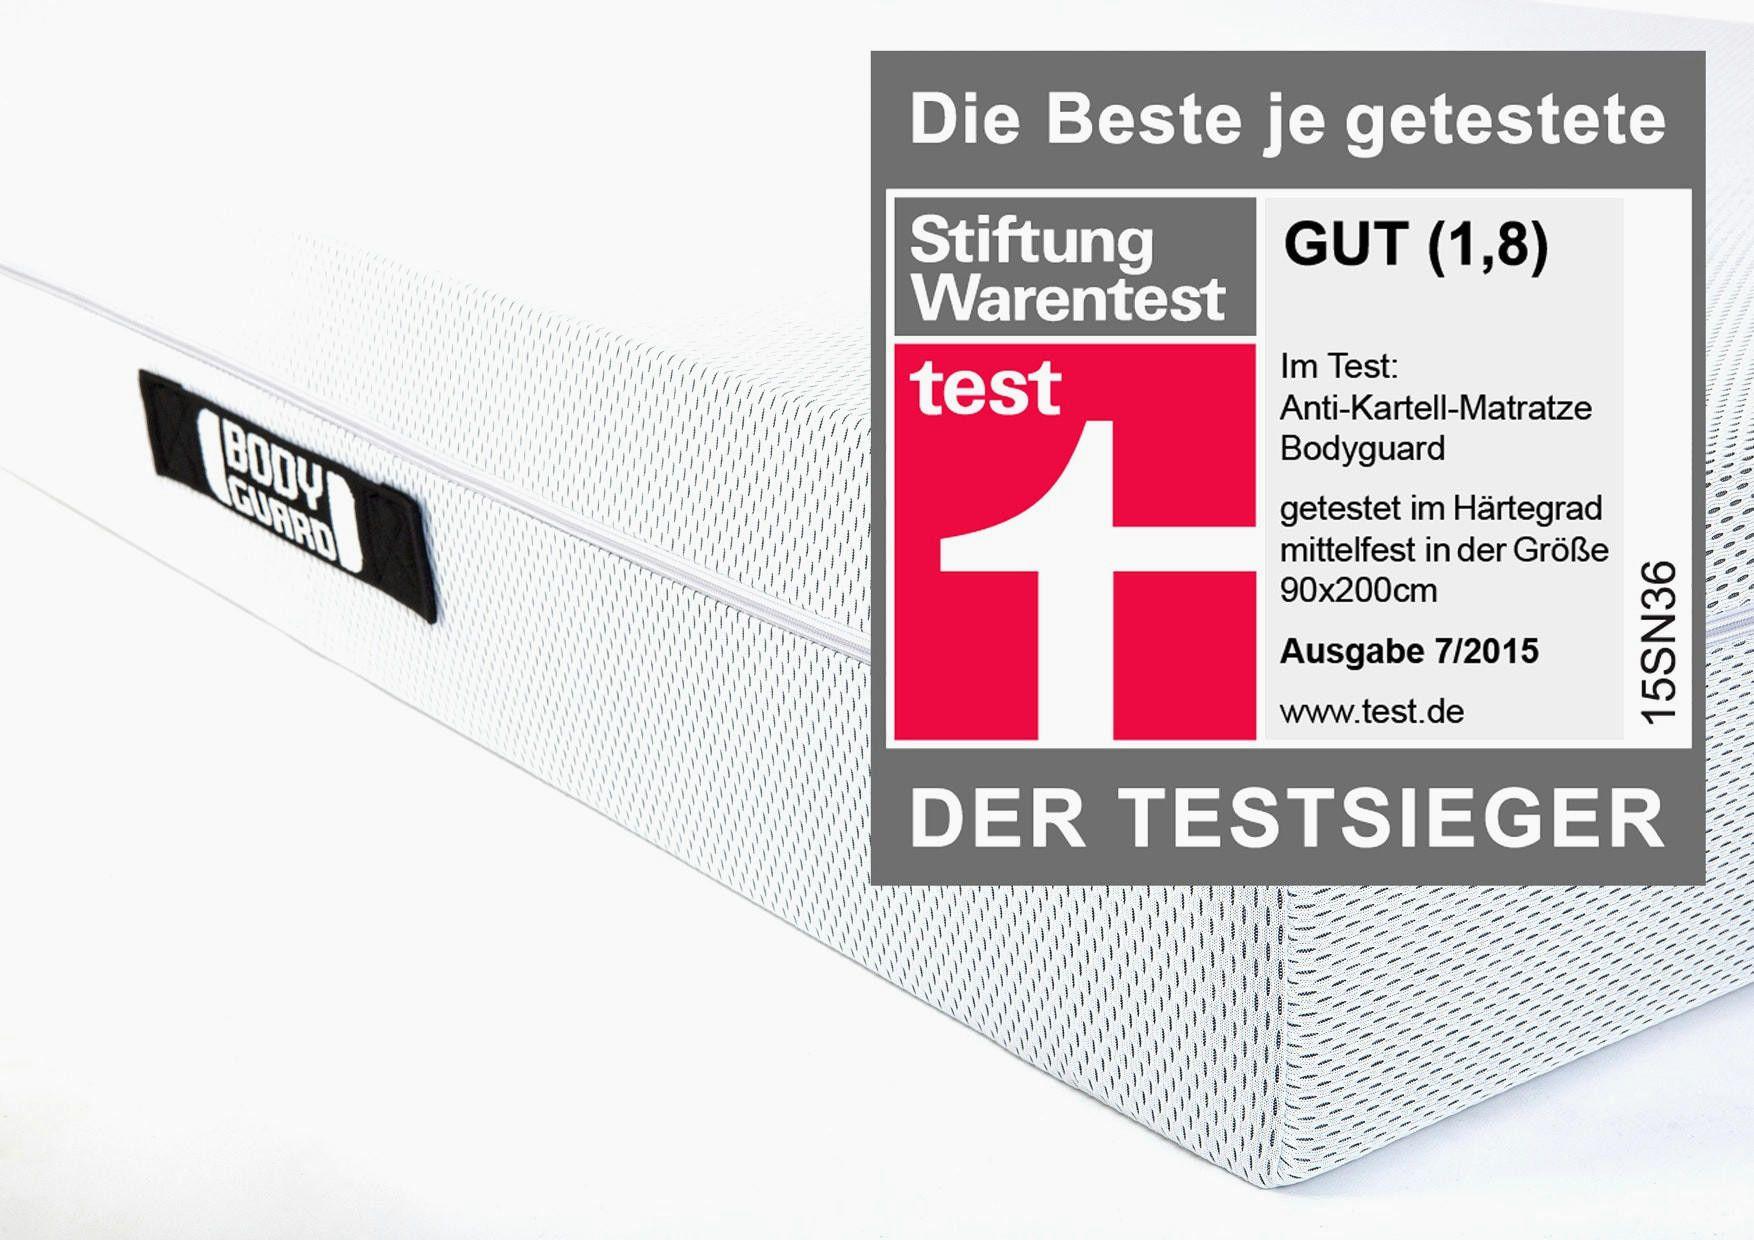 Matratzen Testsieger Elegant Matratzen Testsieger 2018 Einzigartig Stiftung Warentest In 2020 Matratze Beste Matratze Schlafmatratze